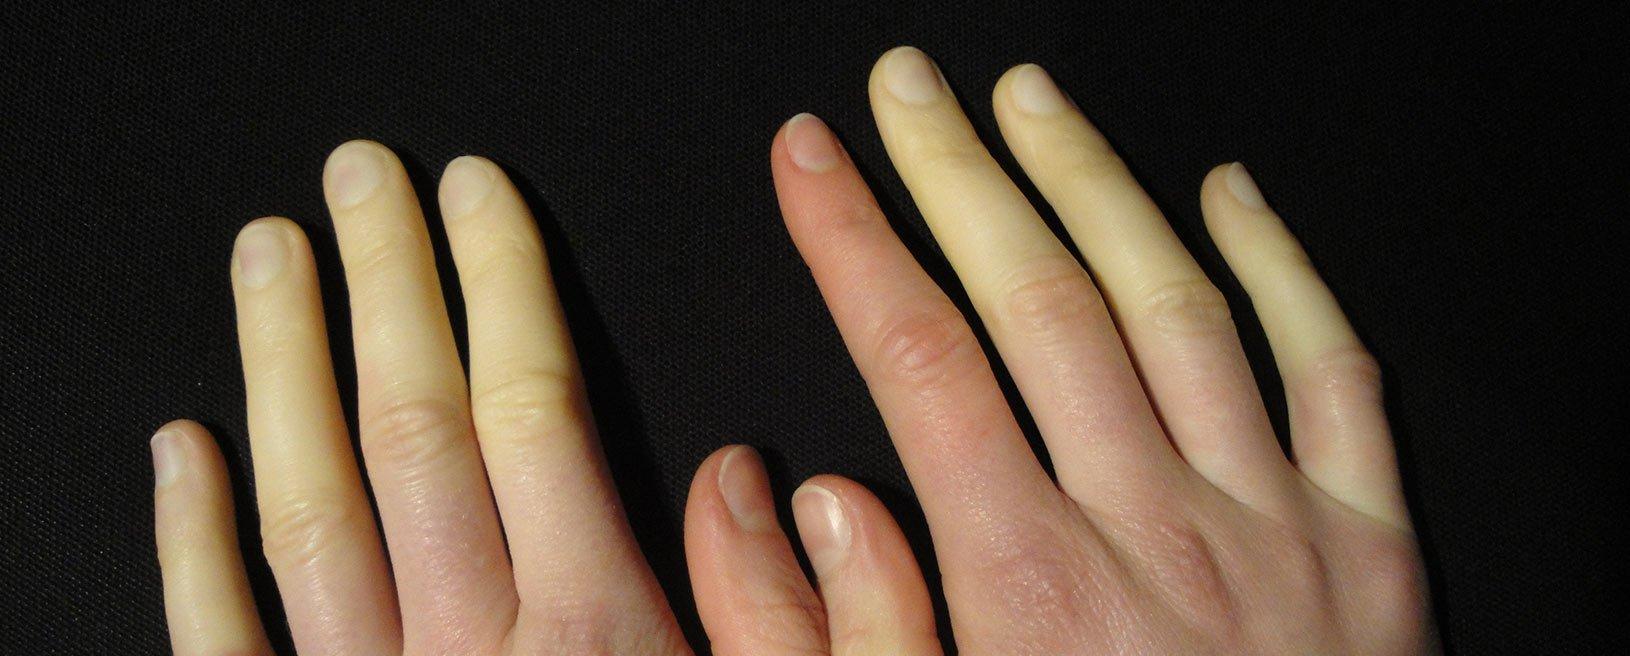 Lupus Eritematoso Sistémico: Descifrando el diagnóstico